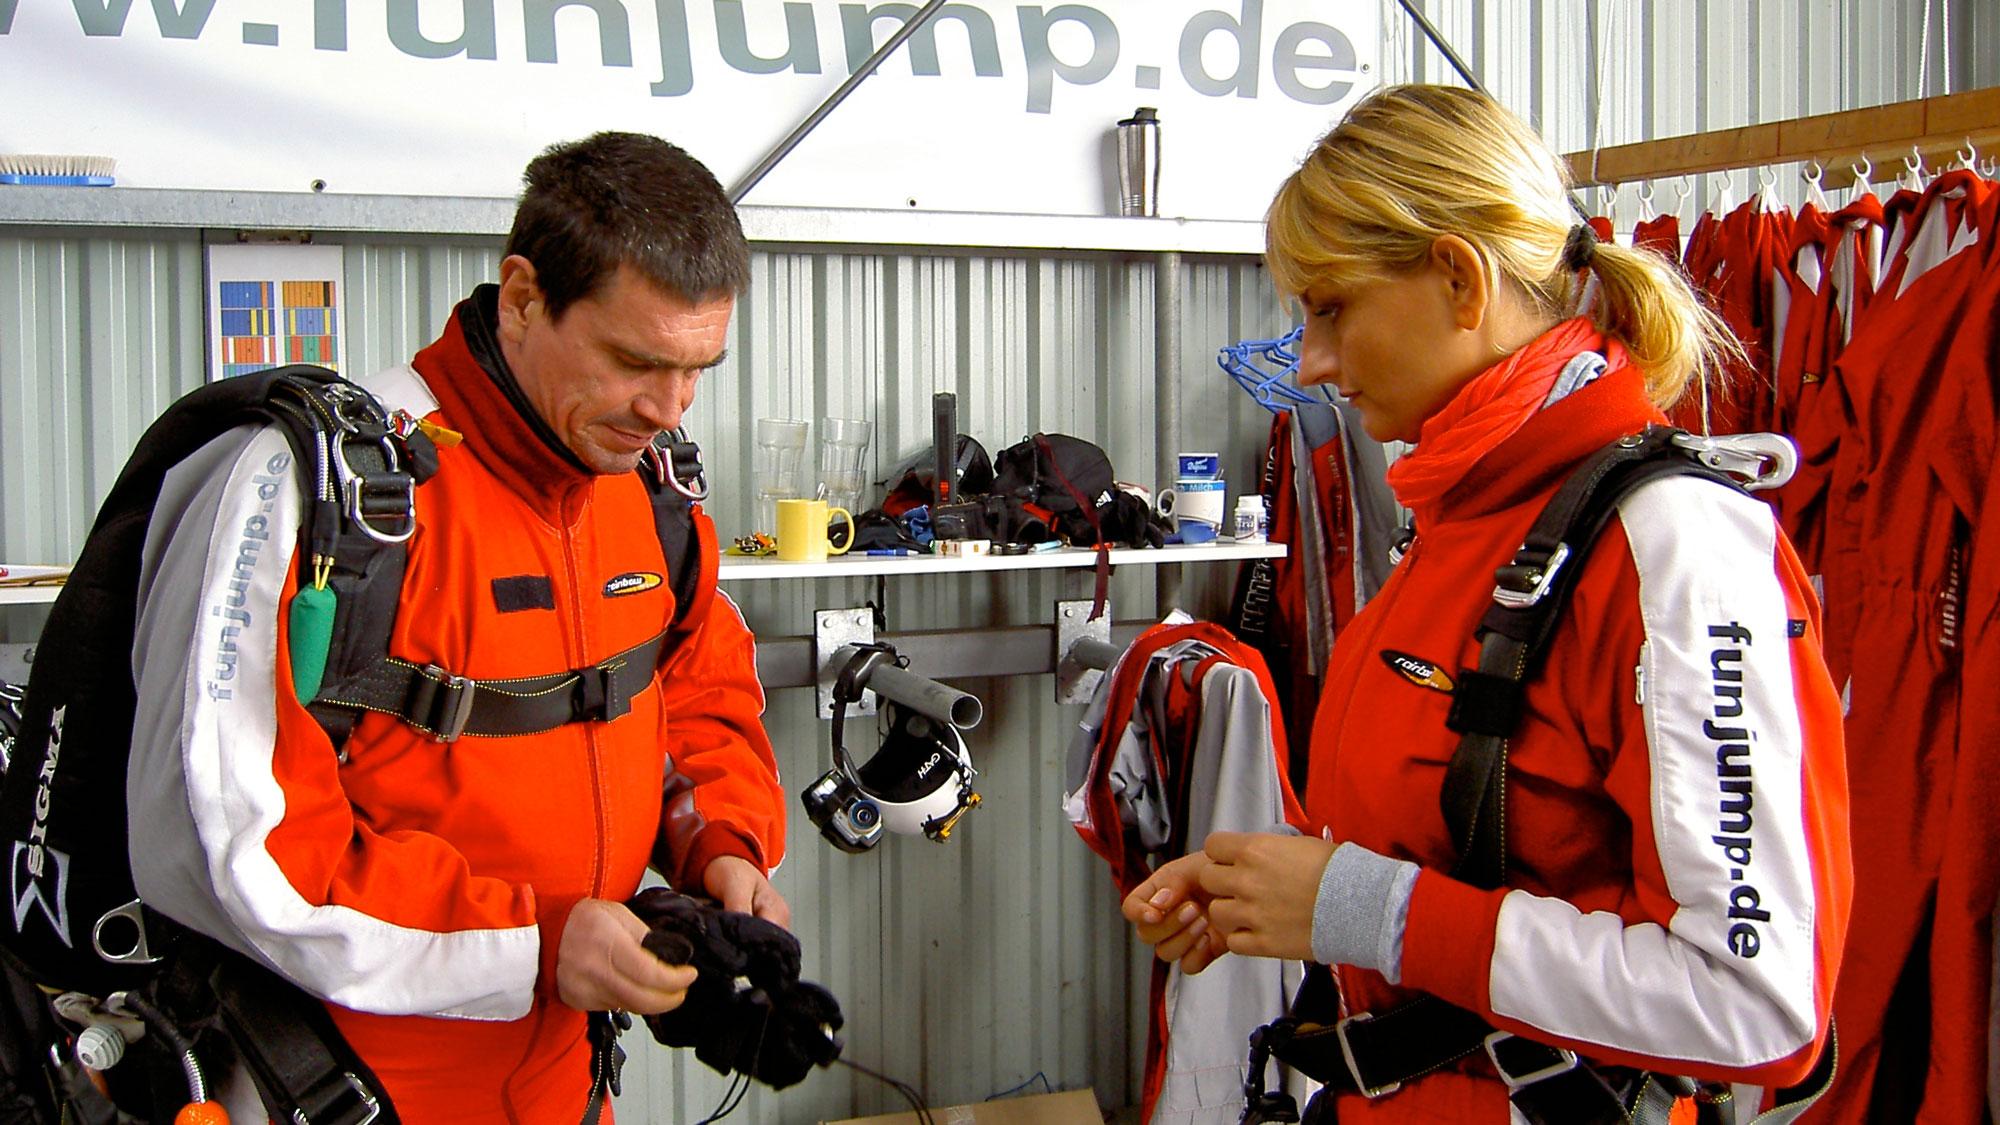 TAKE Off Berlin - Tandemspringen - Tandemgast wird von Tandempilot auf den Sprung vorbereitet